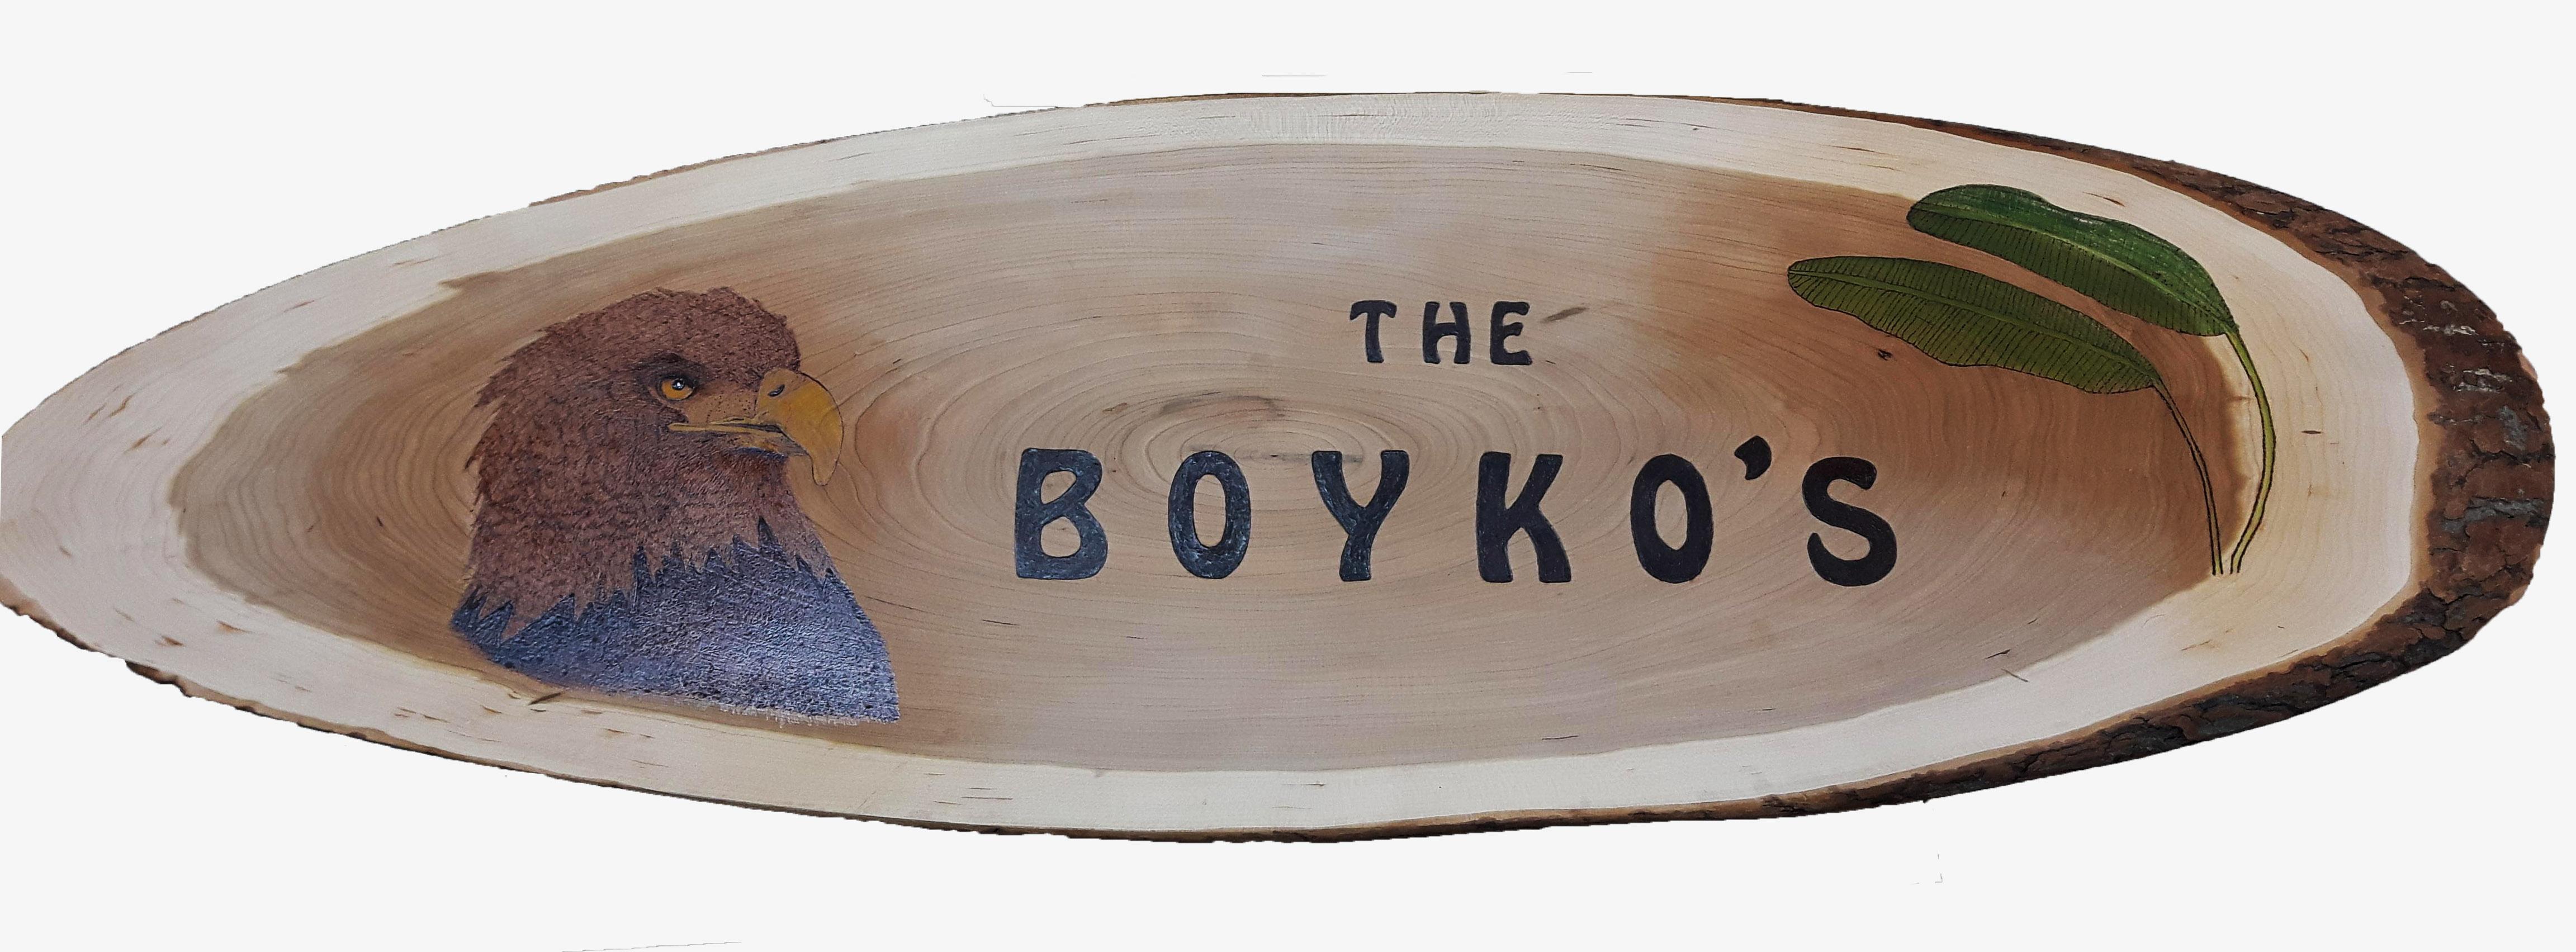 Boycos